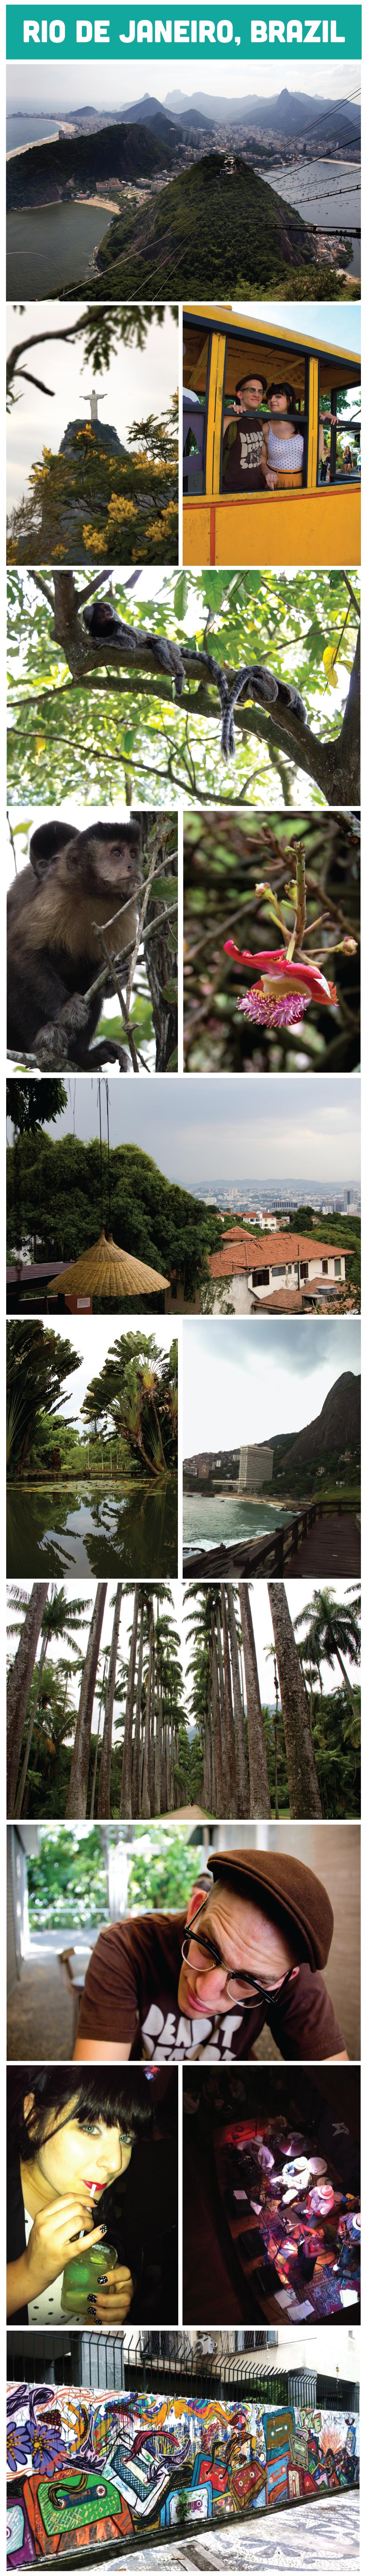 rio_brazil_photos.png